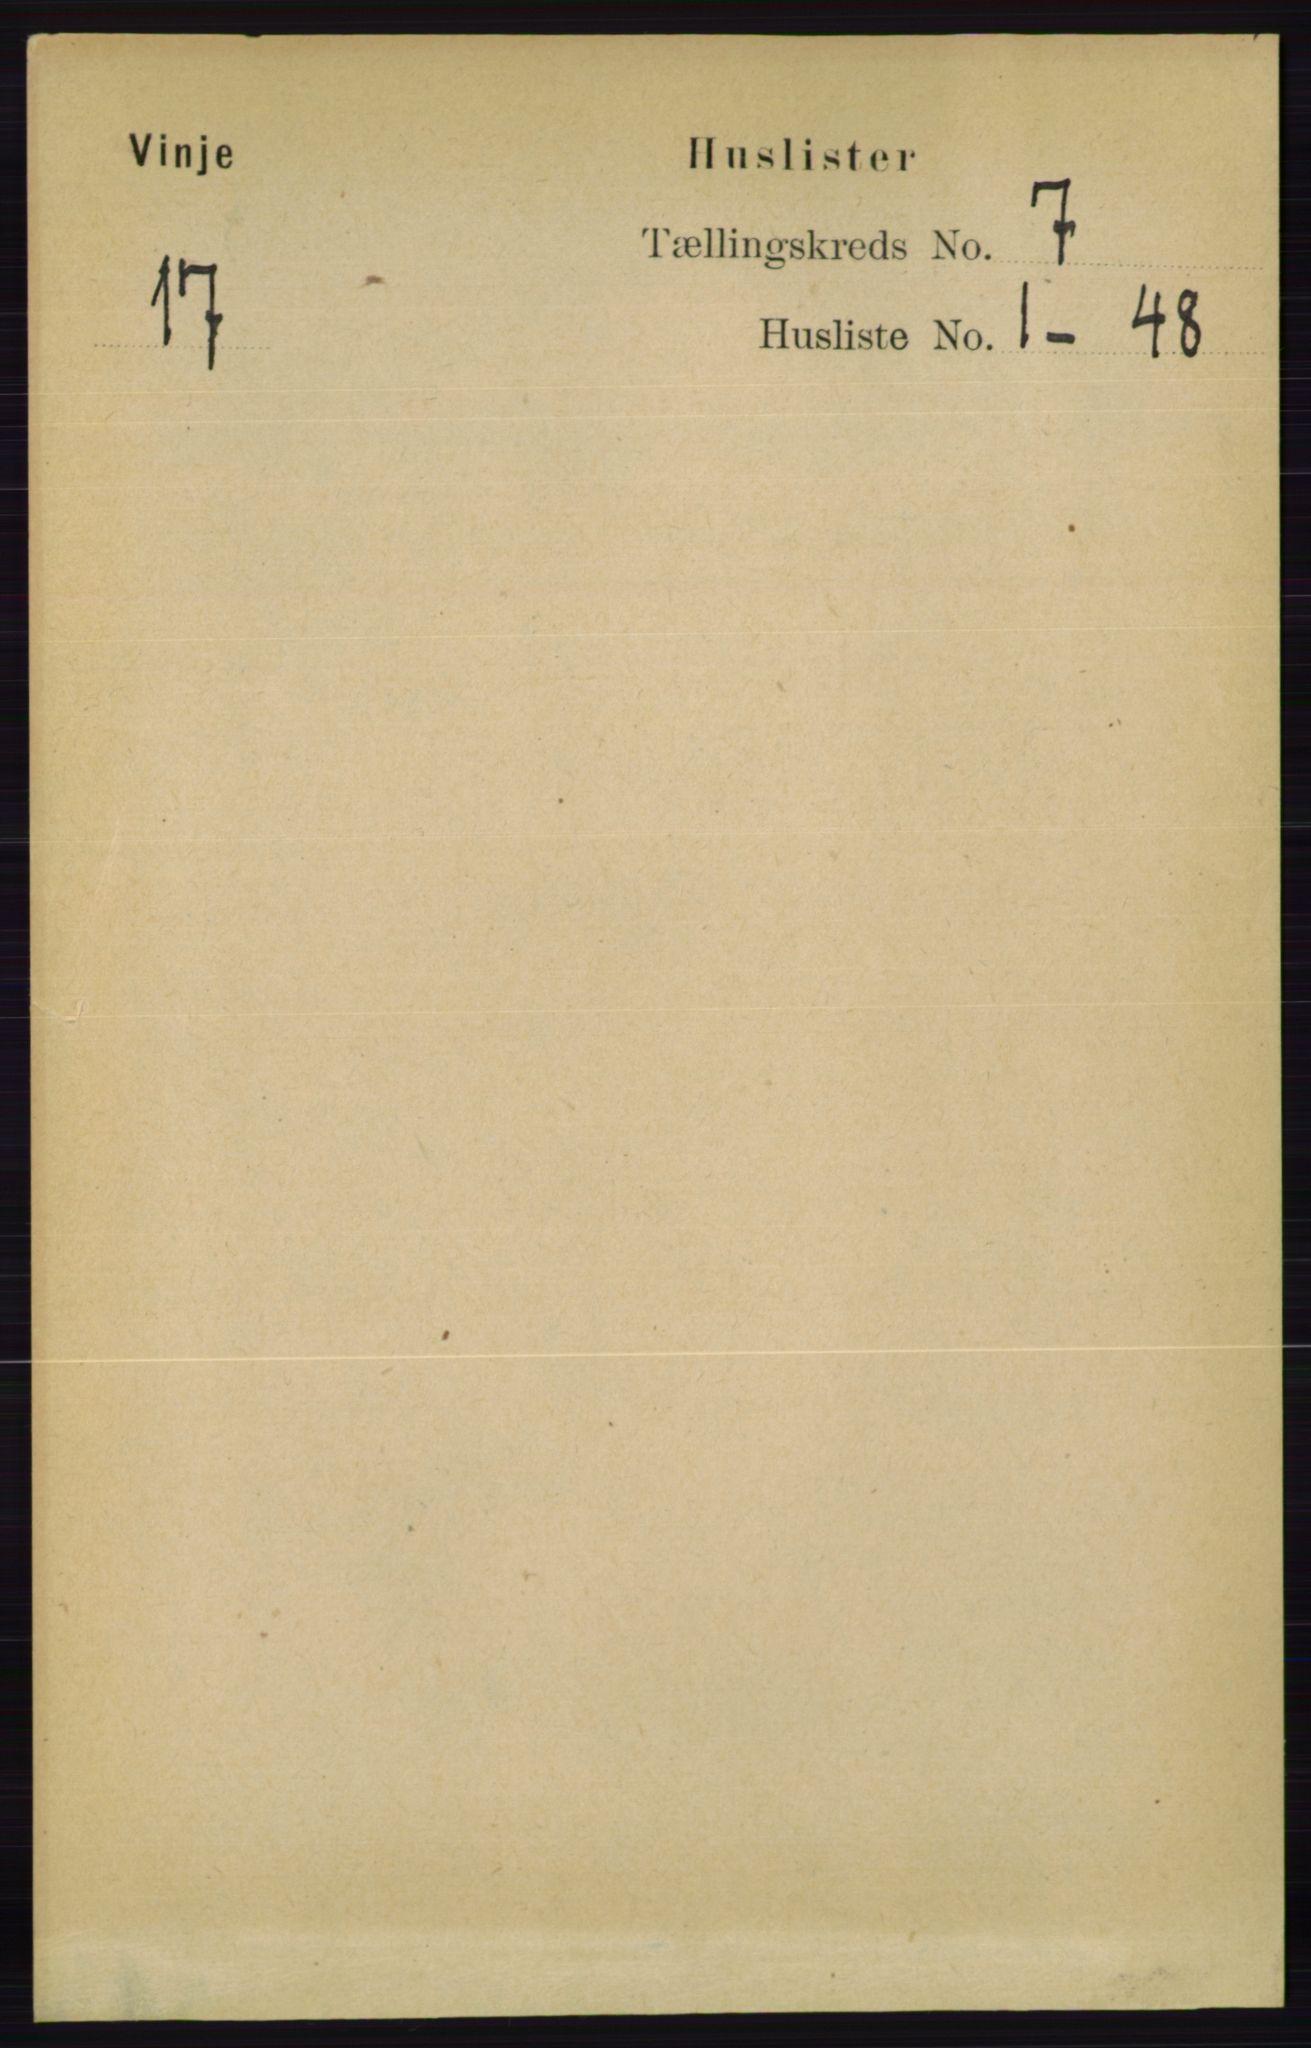 RA, Folketelling 1891 for 0834 Vinje herred, 1891, s. 1749